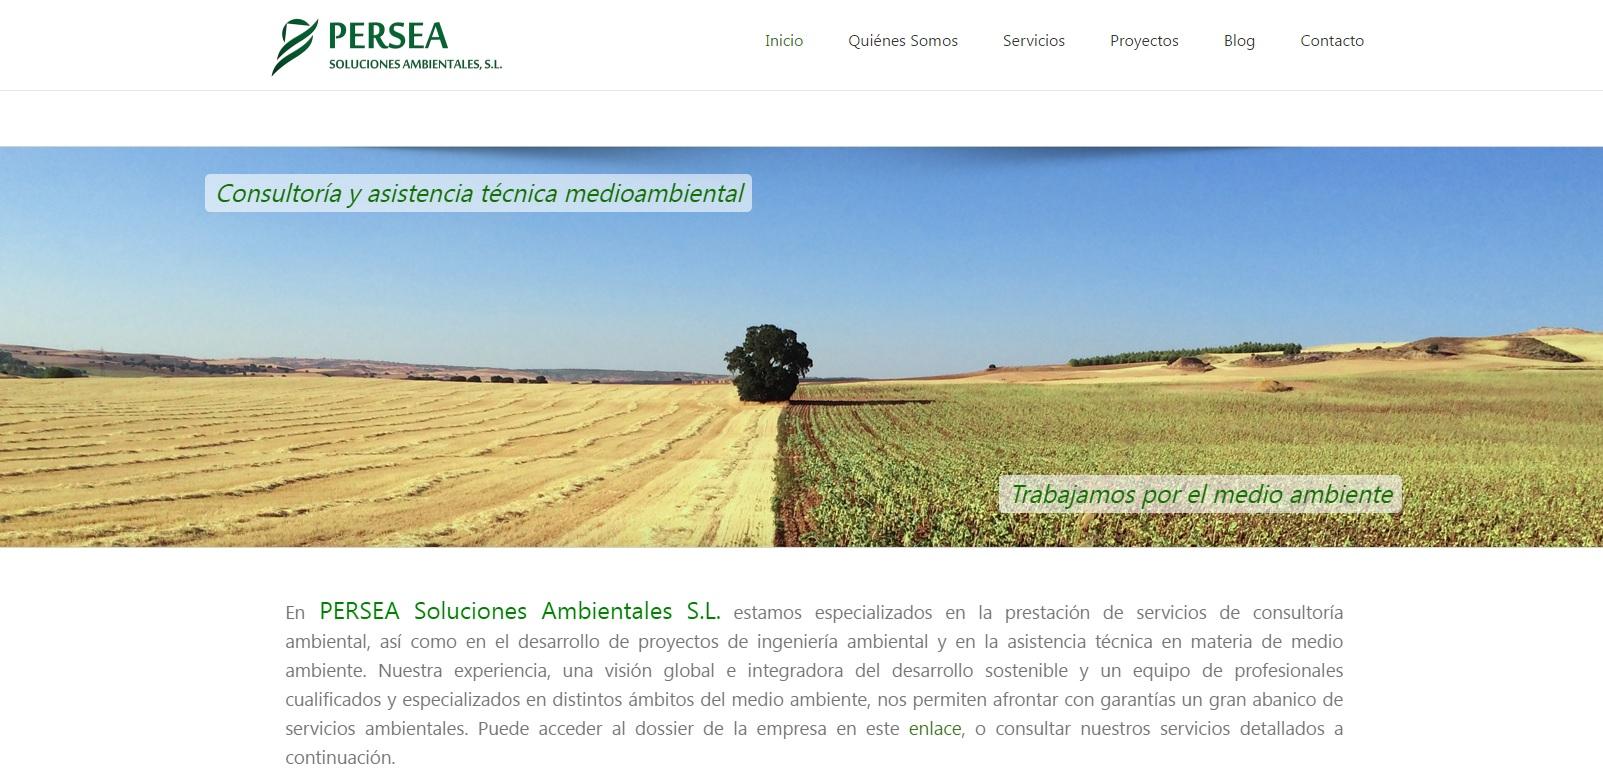 Foto de portada de la página web de PERSEA Soluciones Ambientales